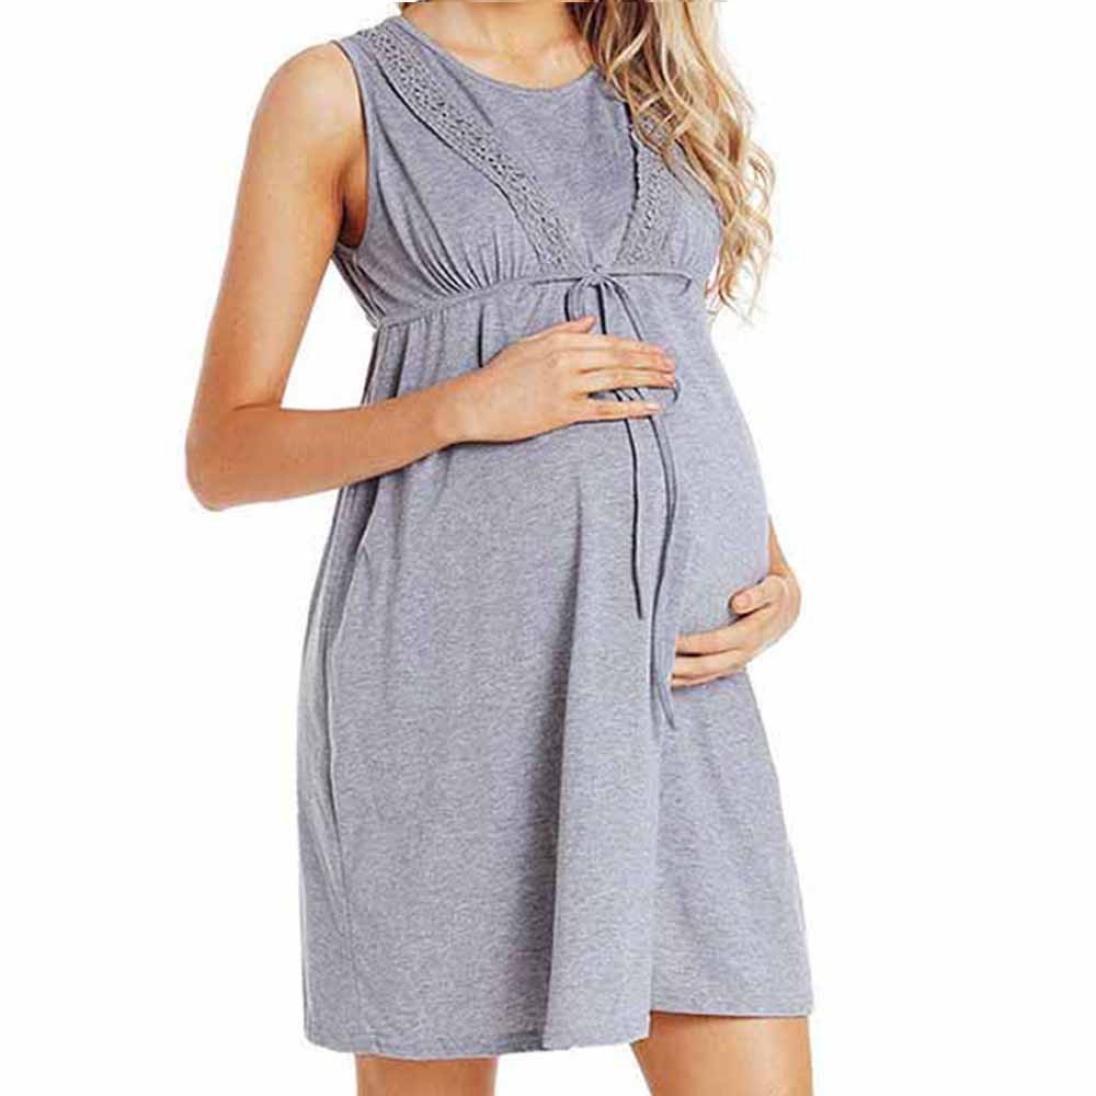 Amphia Vestido Embarazadas Ropa, Vestido sin Mangas S del Cordón del Cordón de la Cintura del Abrigo del Cuidado del Embarazo de Las Mujeres del Verano: ...